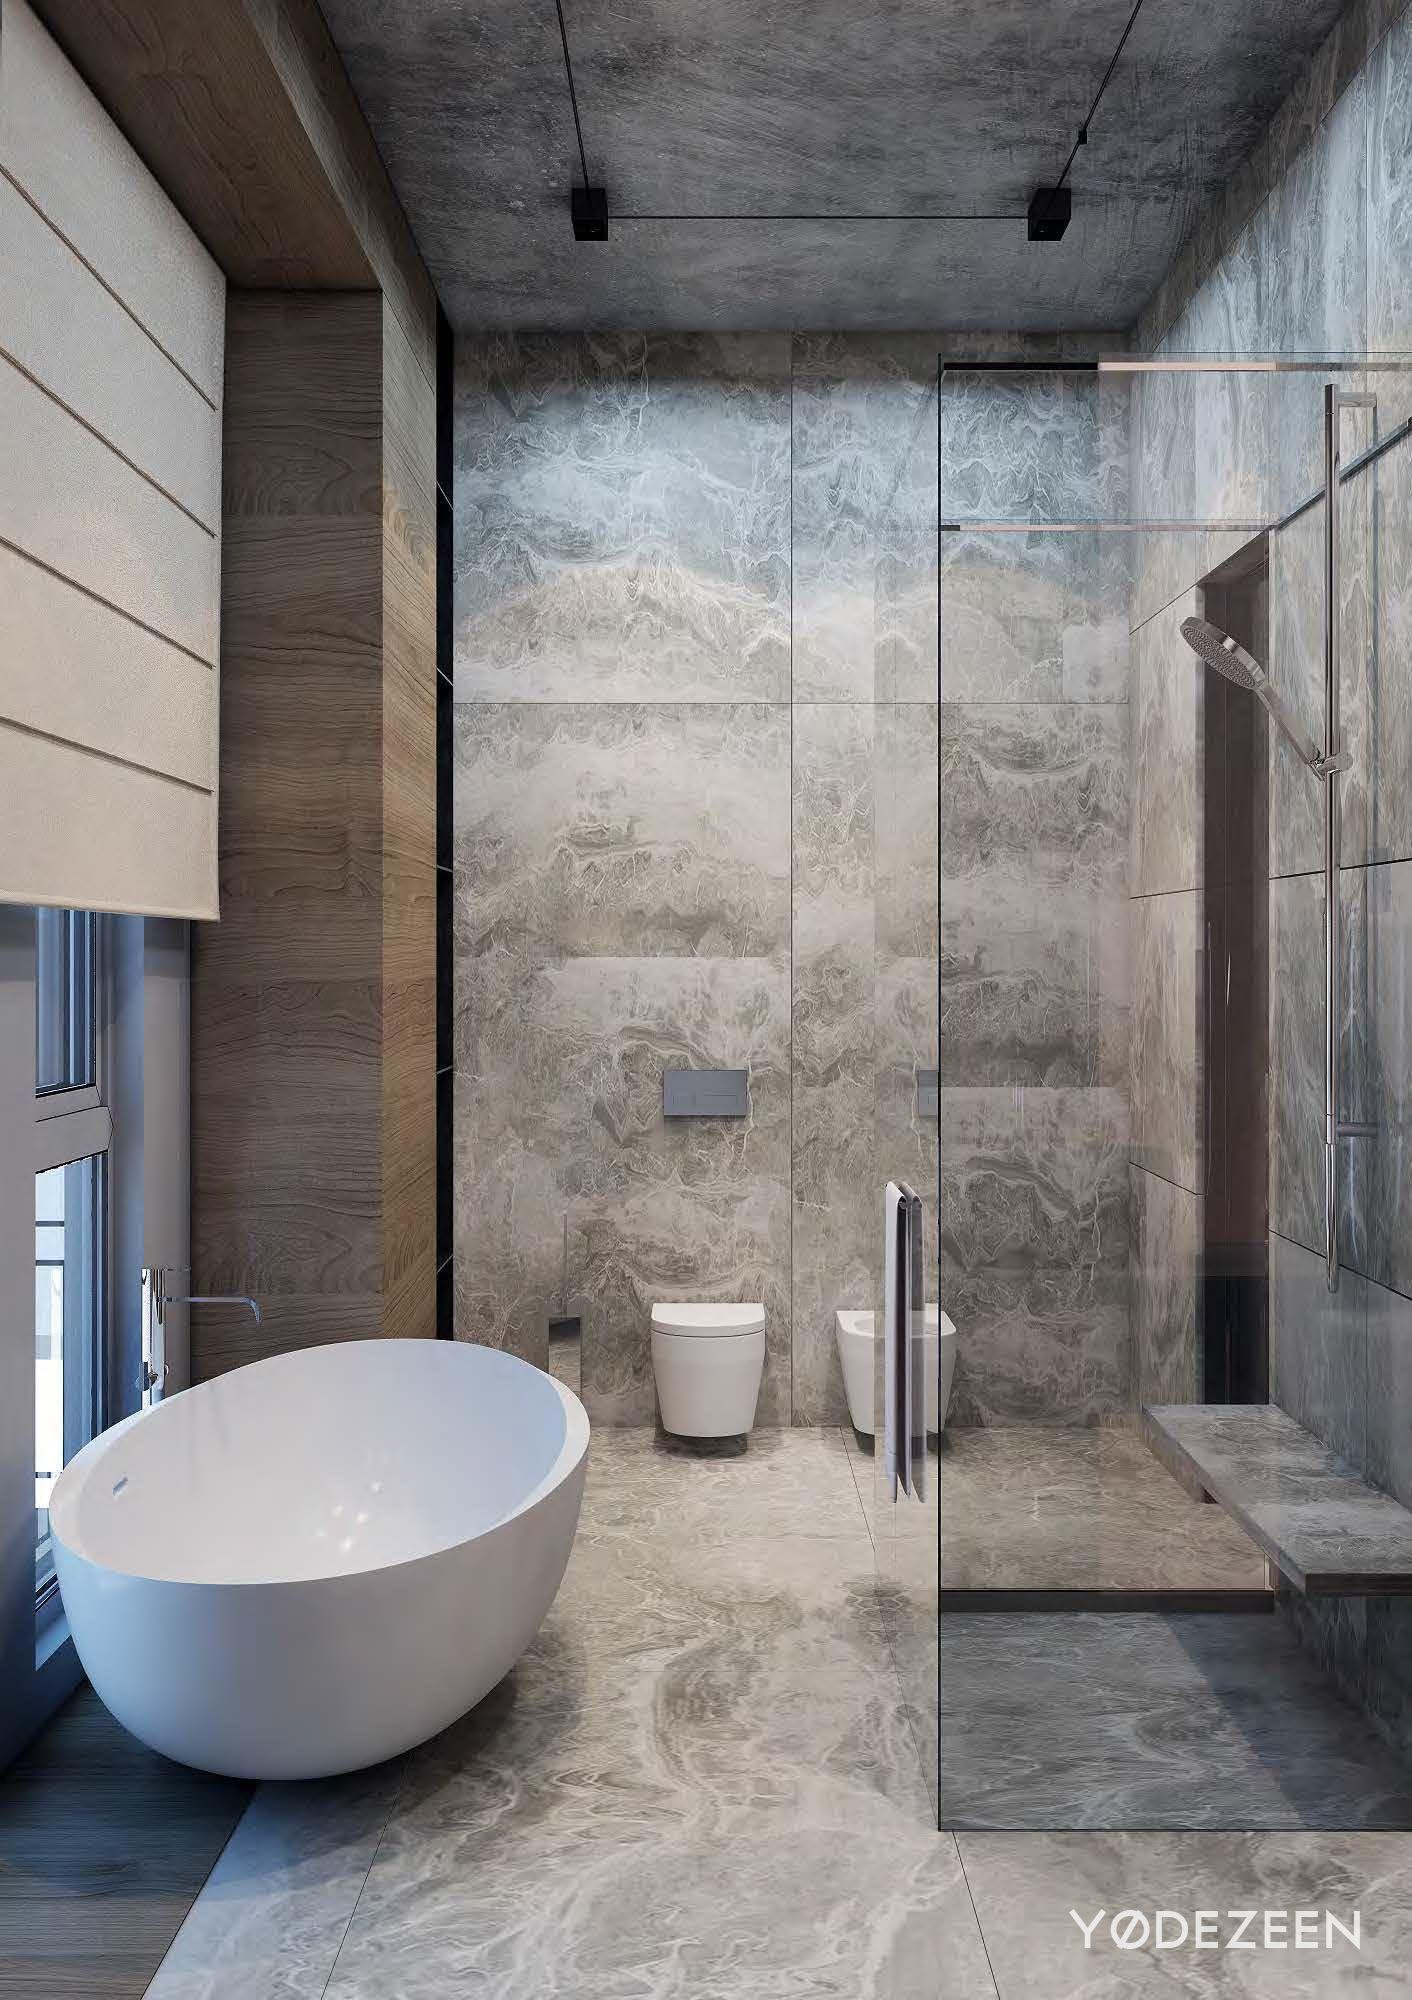 Pin von BURAK ILICAK auf Bathroom | Pinterest | Badezimmer, Bäder ...